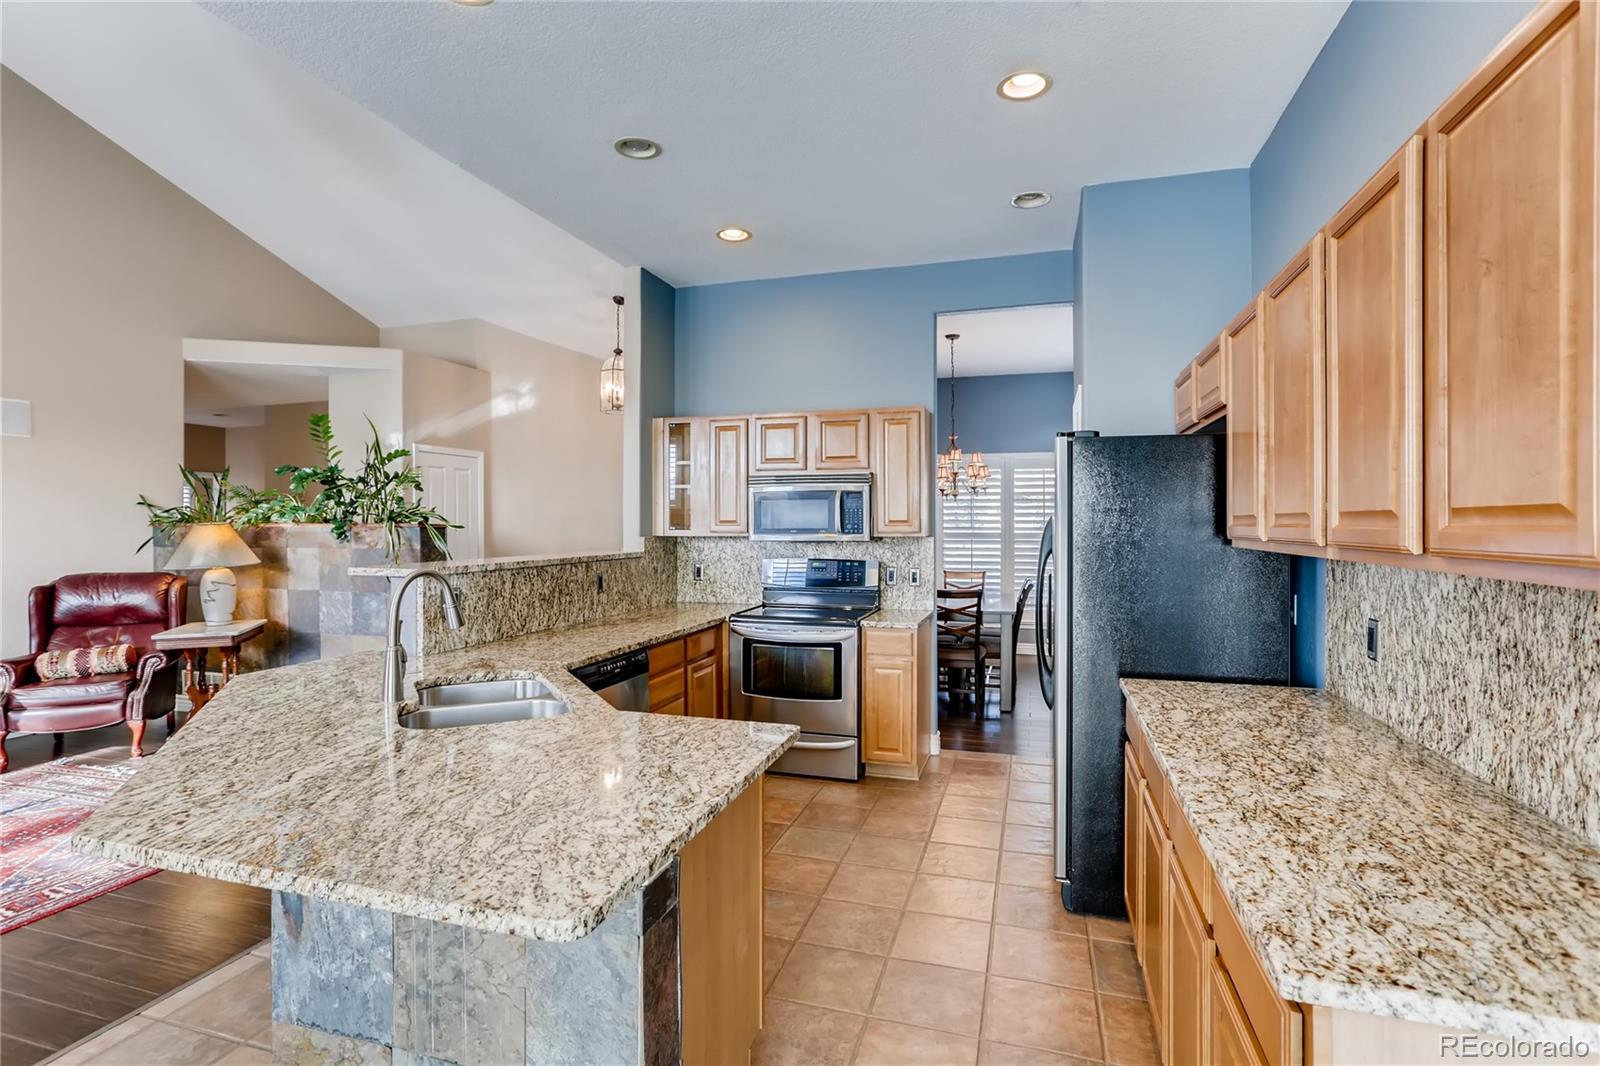 MLS# 3154871 - 10 - 4644 Cedar Glen Place, Castle Rock, CO 80109